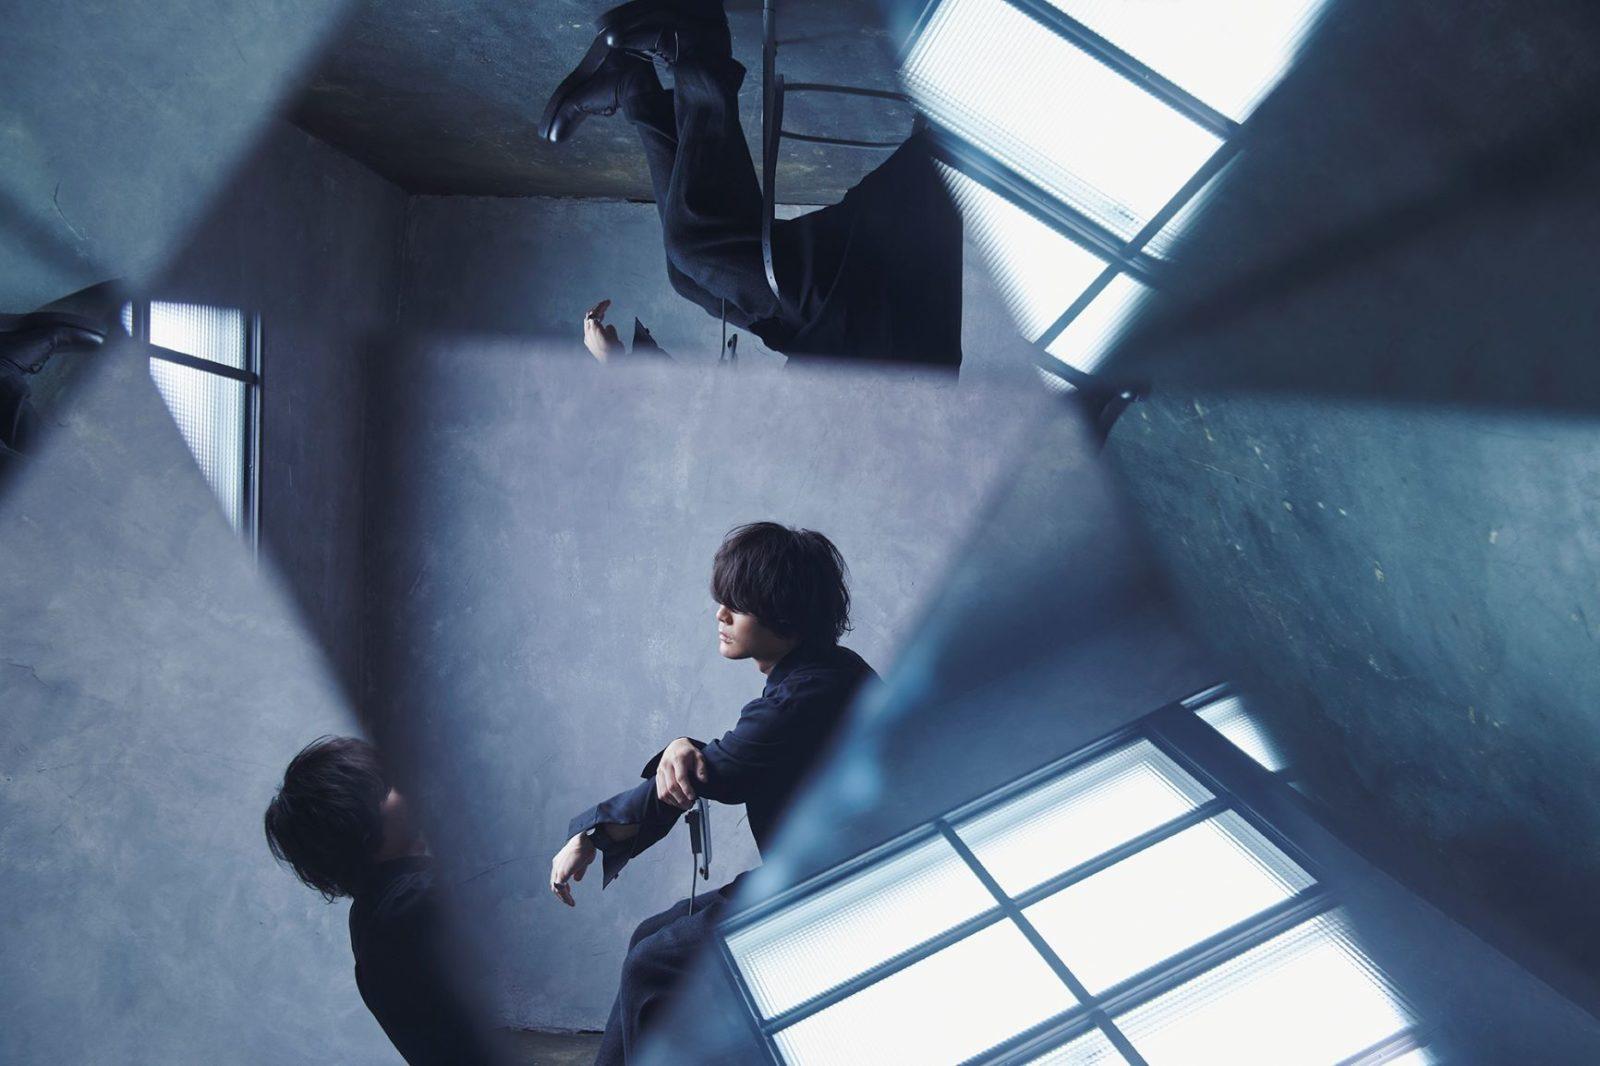 ギヴン&センチミリメンタルがZepp Tokyoでイベント開催決定サムネイル画像